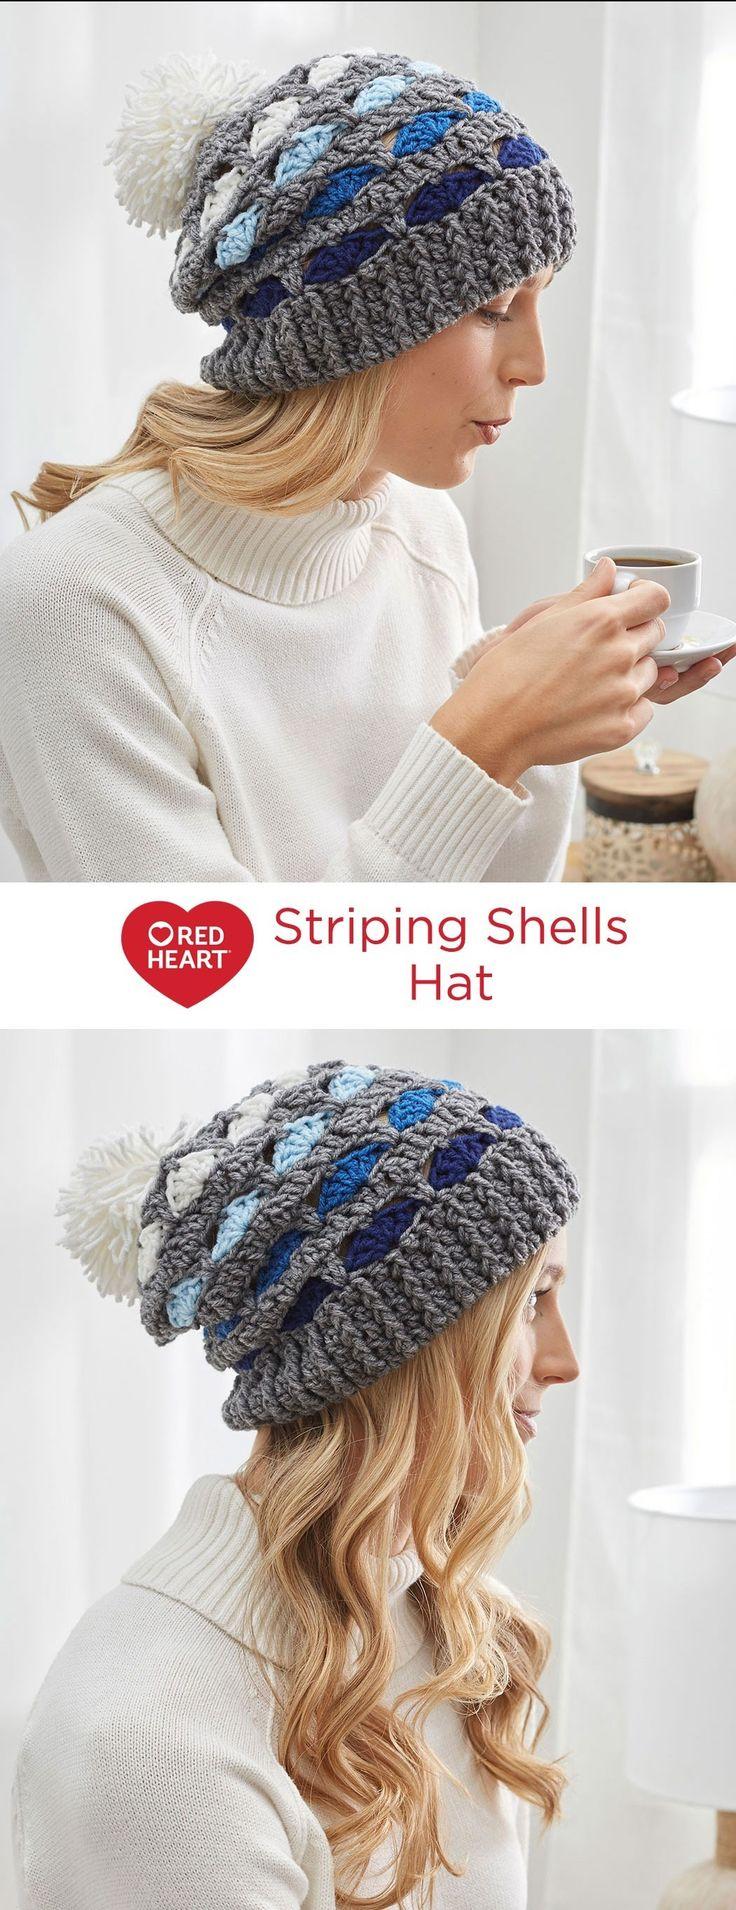 2891 mejores imágenes sobre Crochet en Pinterest | Patrón gratis ...